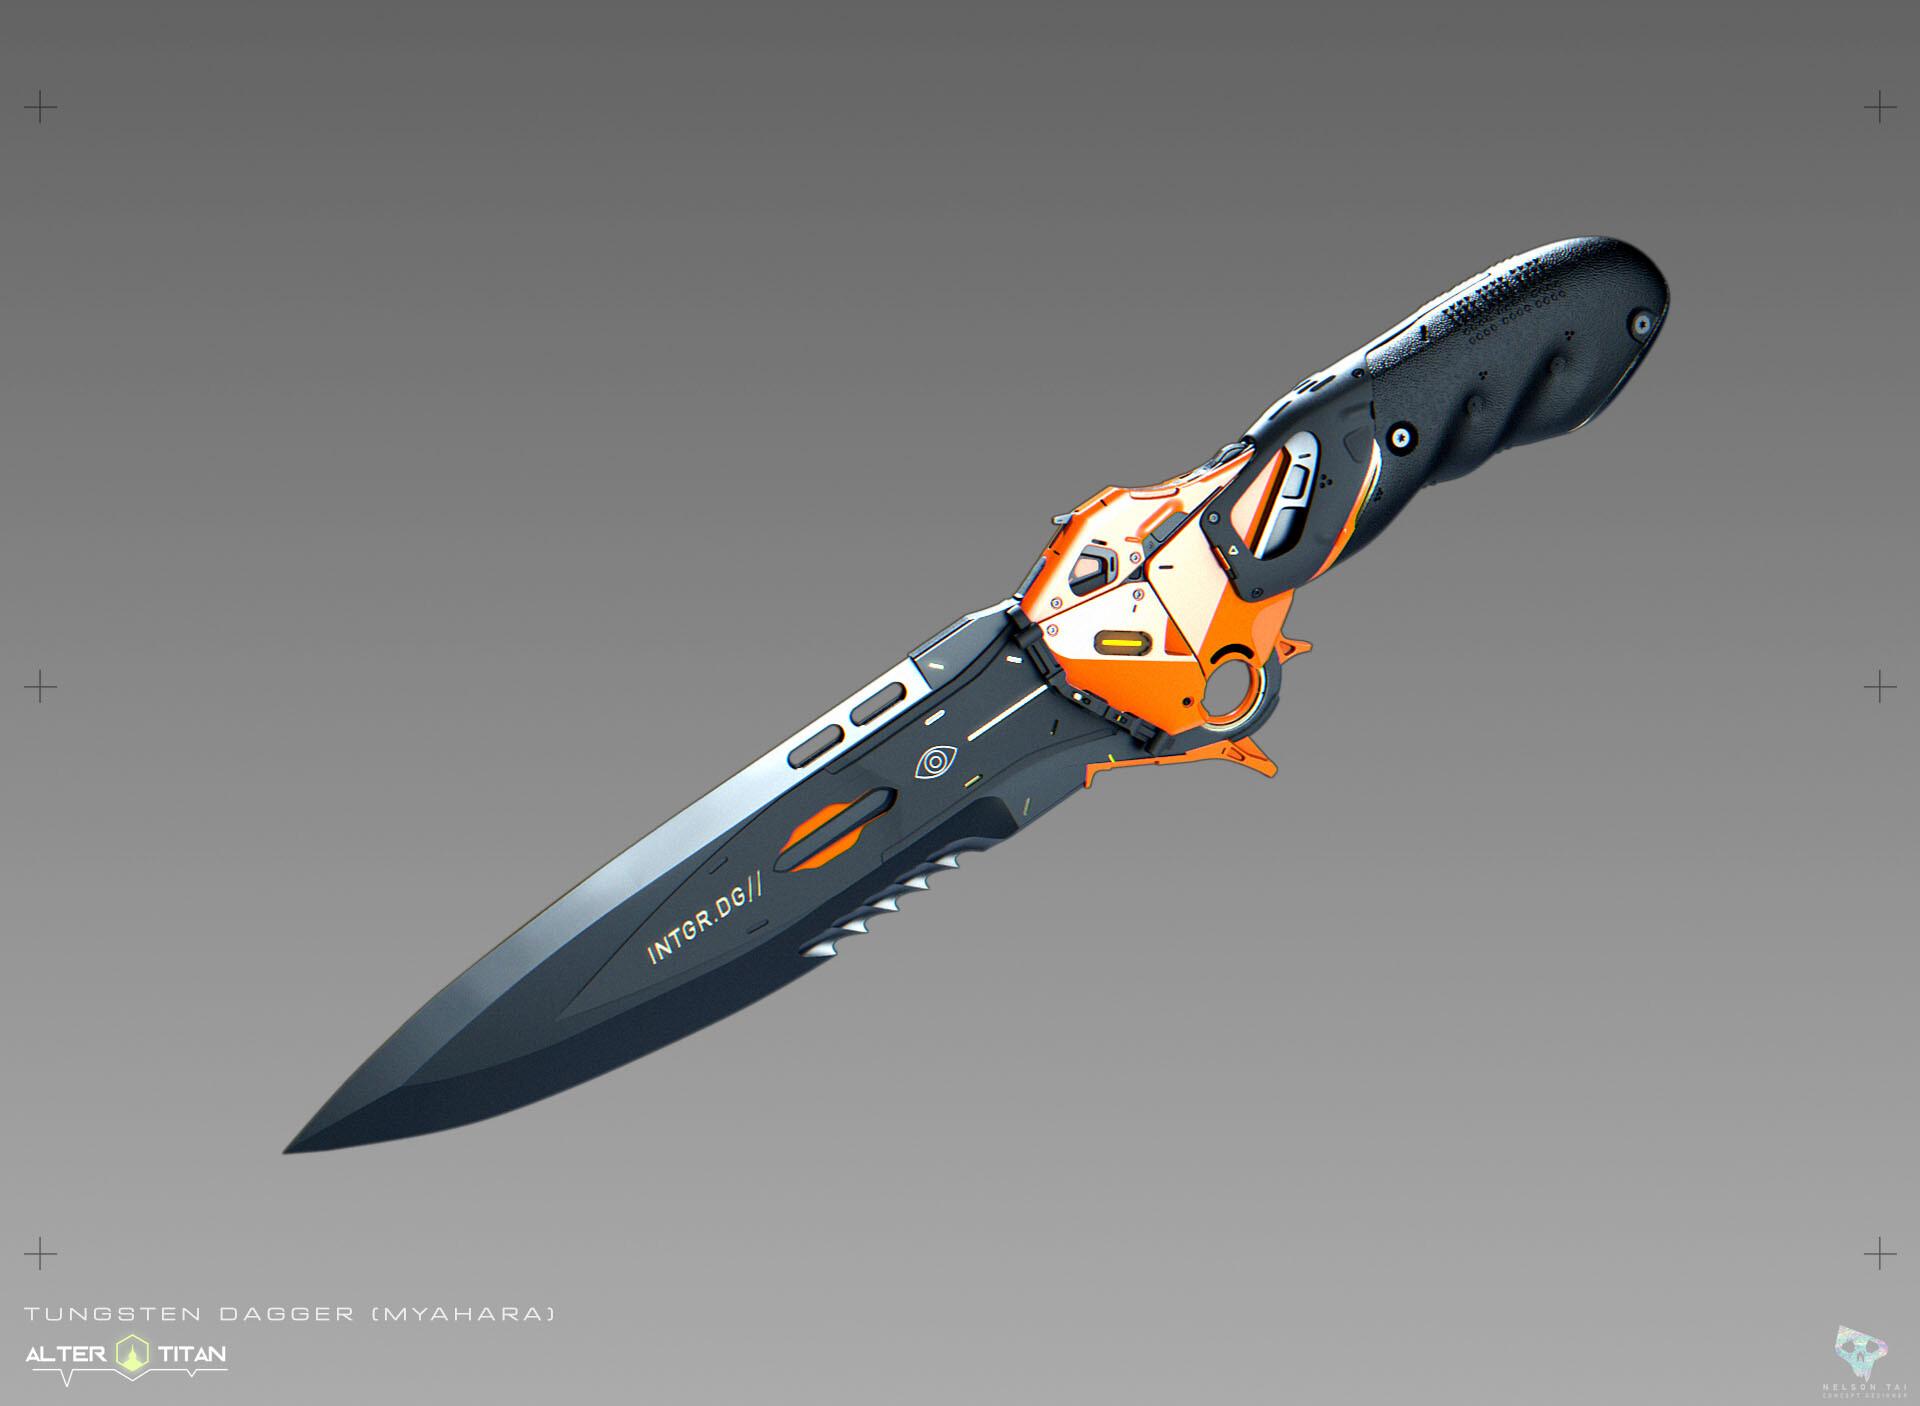 The Tungsten Dagger